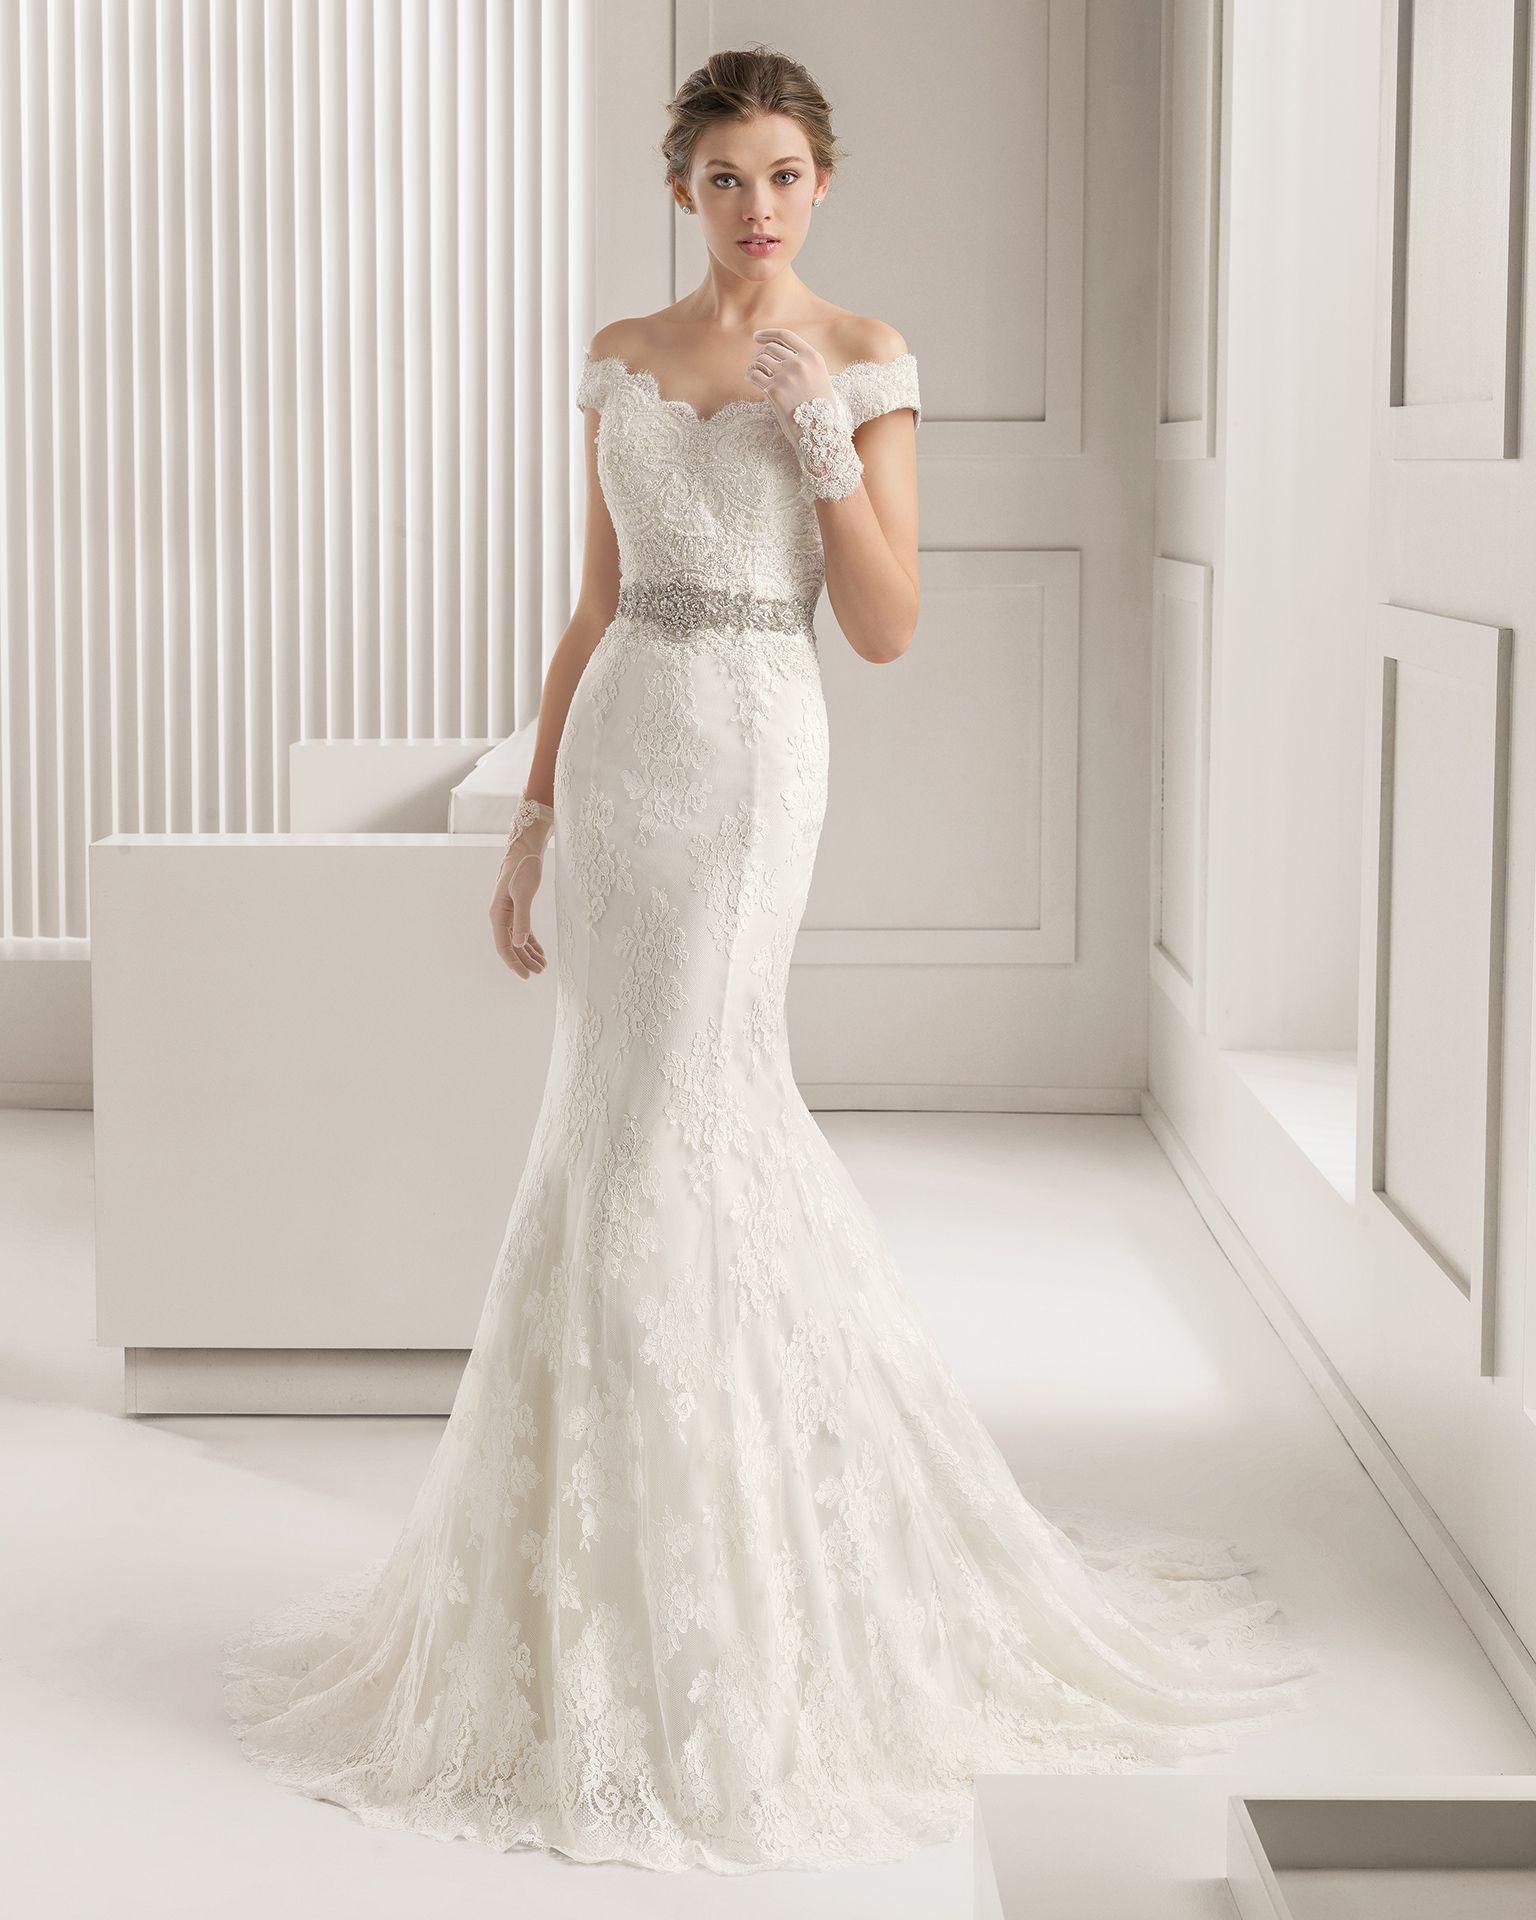 Vestidos de novia y vestidos de fiesta | Encaje, Novios y Rosa clará